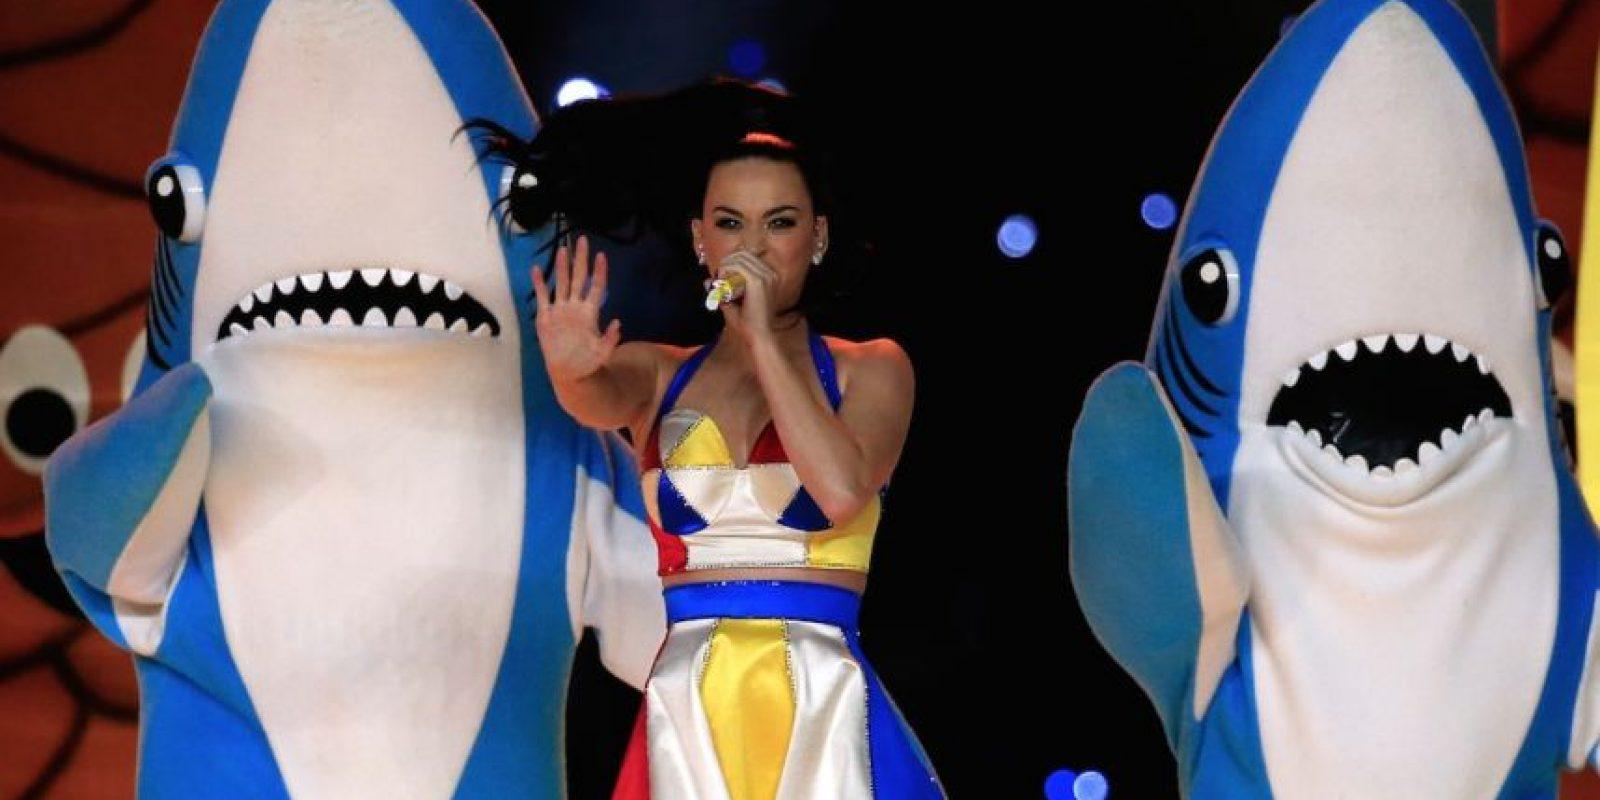 Y aunque no se puede comercializar con este par, los usuarios de las redes sociales se sienten inspirados por los tiburones Foto:Getty Images